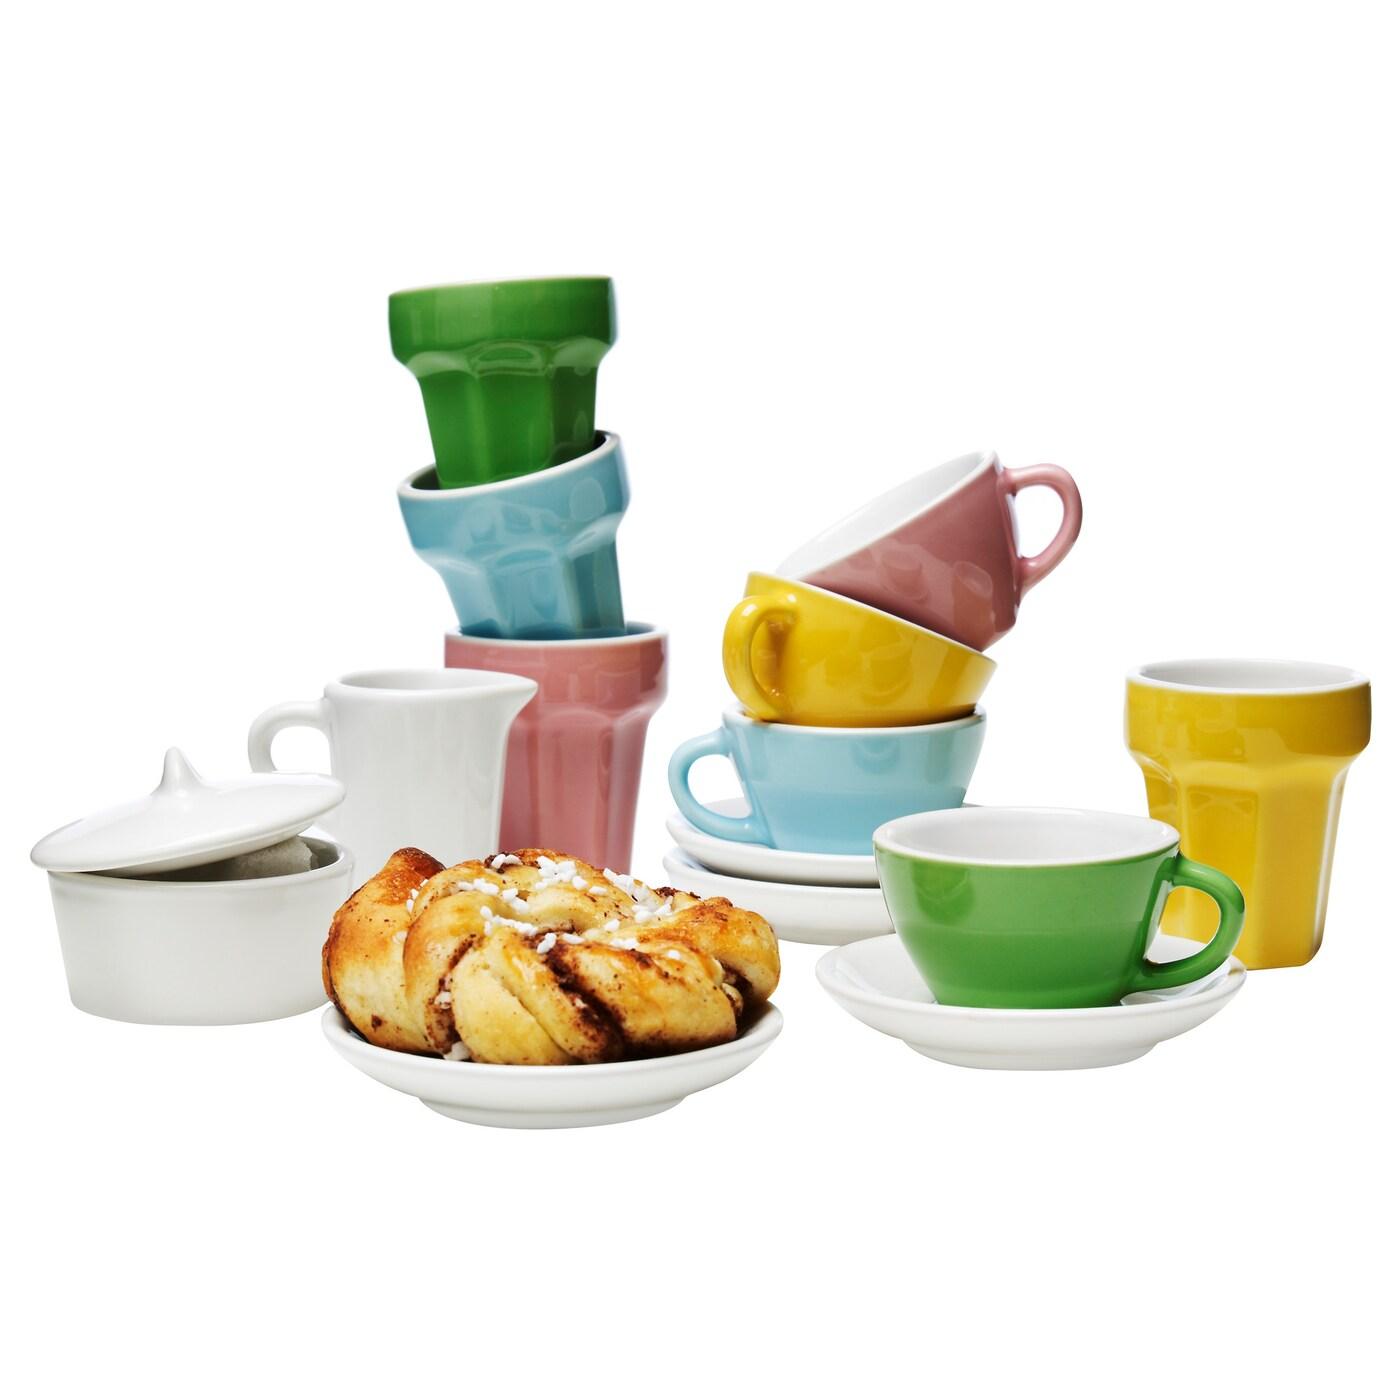 ДУКТИГ-4 Набор для кофе/чая, 10 прдм, разноцветный